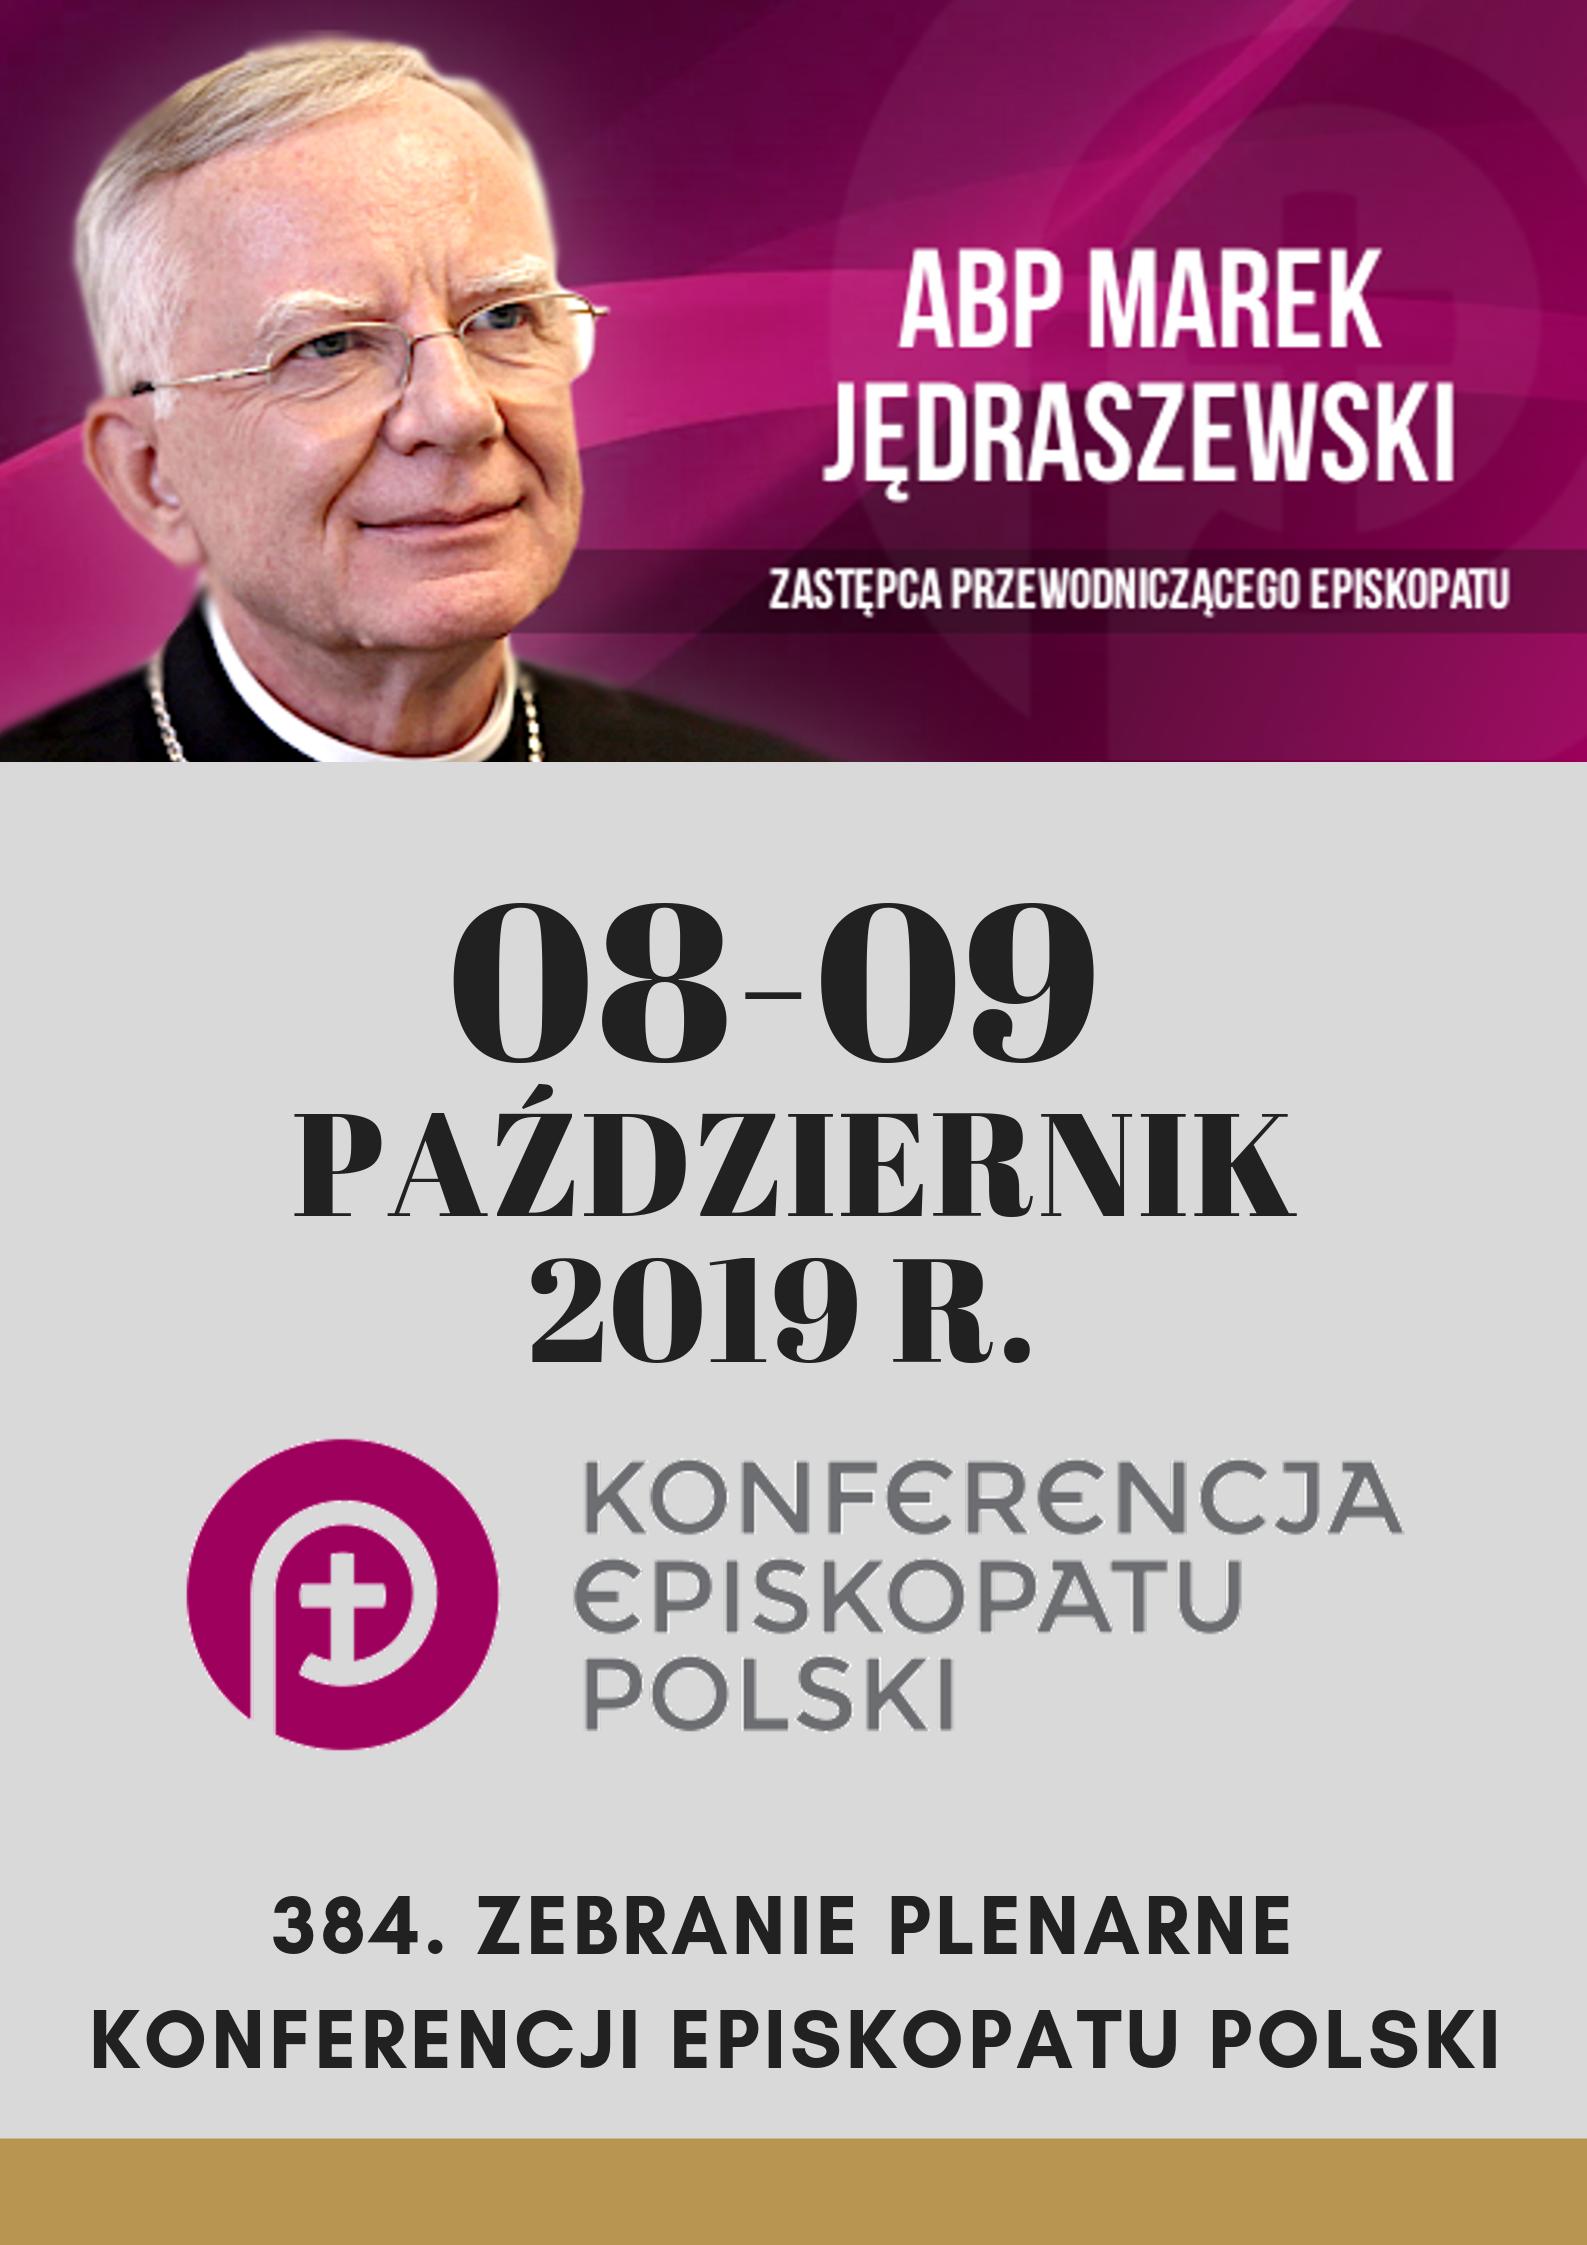 384. Zebranie Plenarne KEP w Warszawie